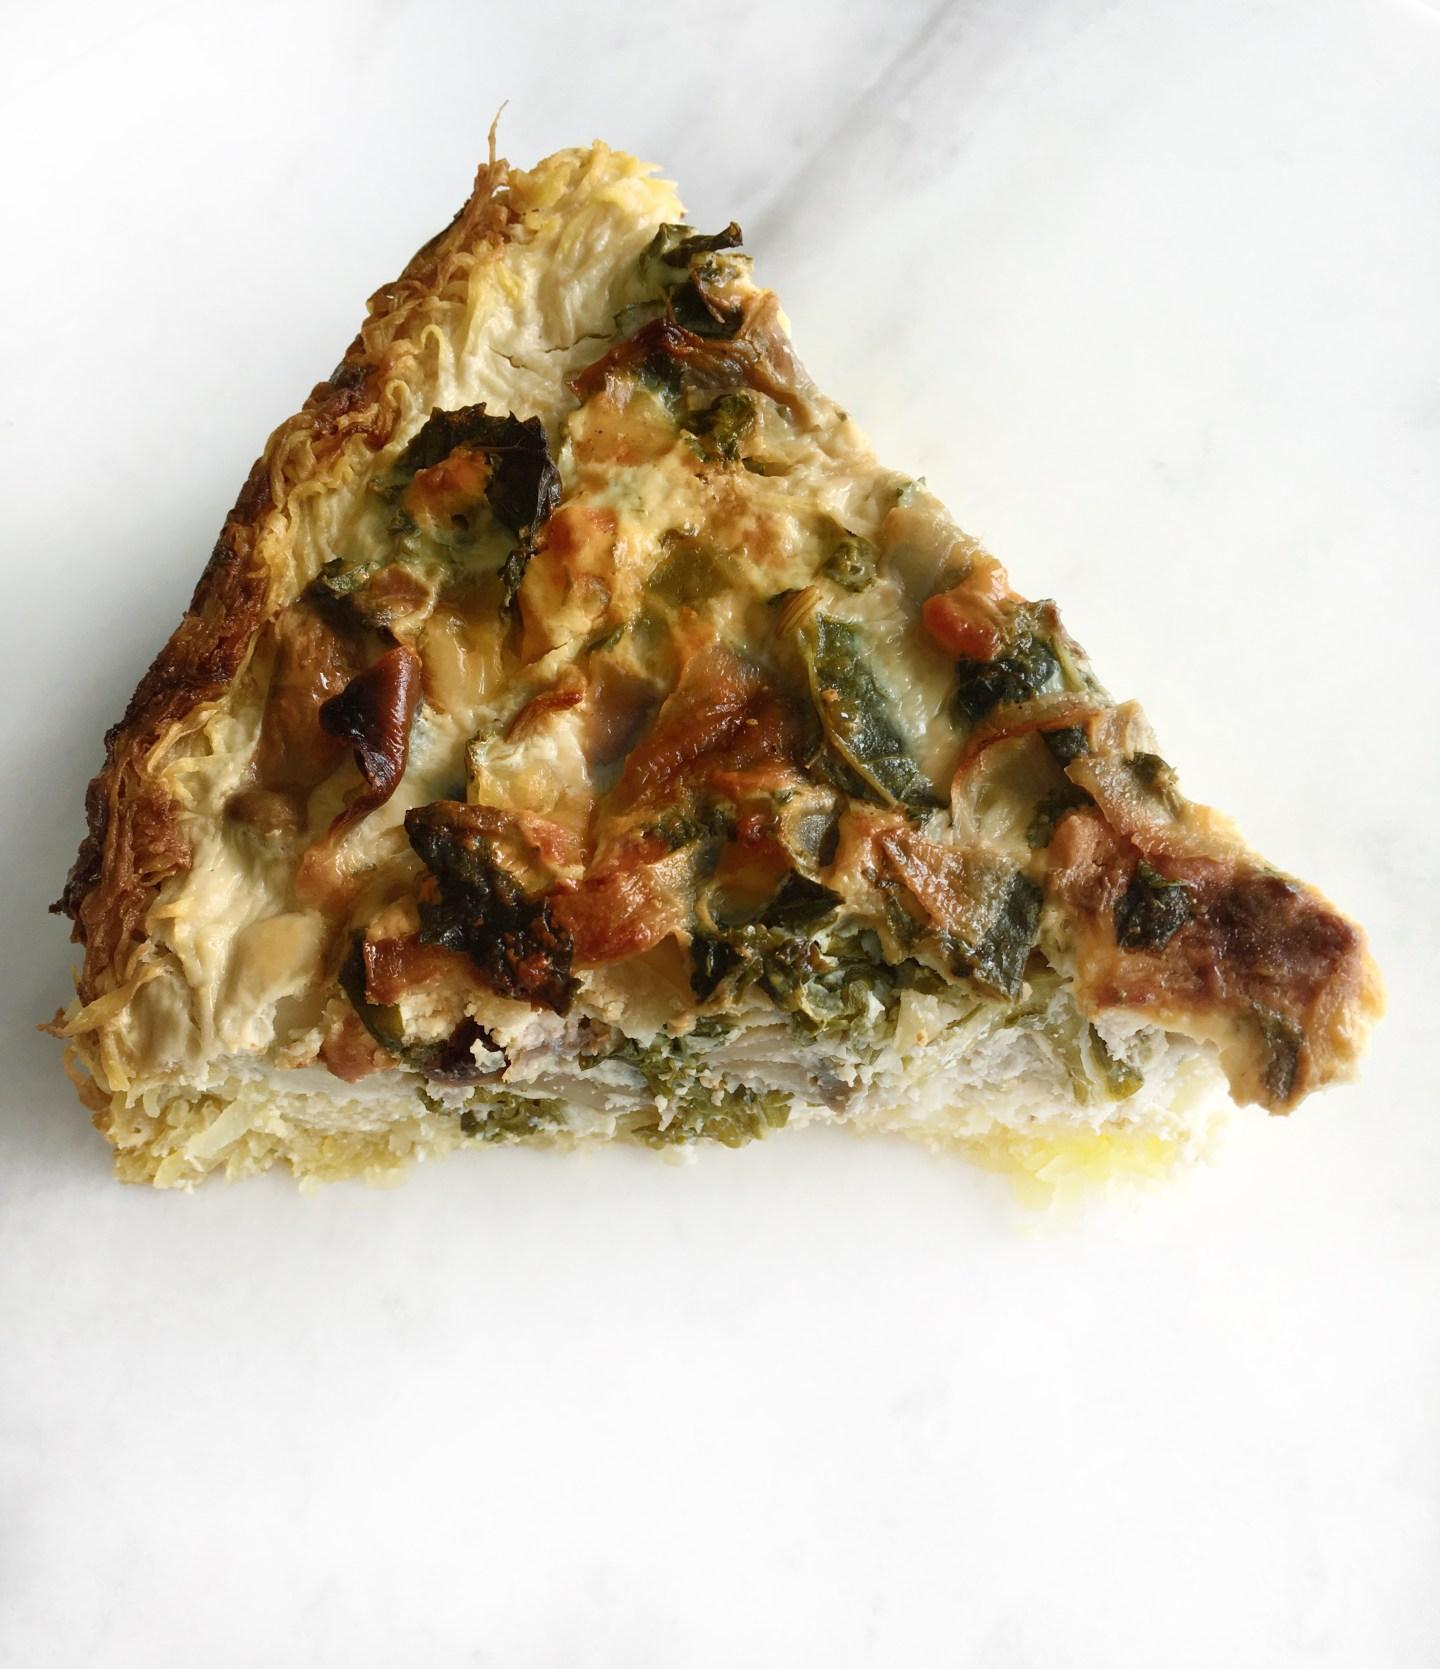 Slice of Gluten-Free Quiche